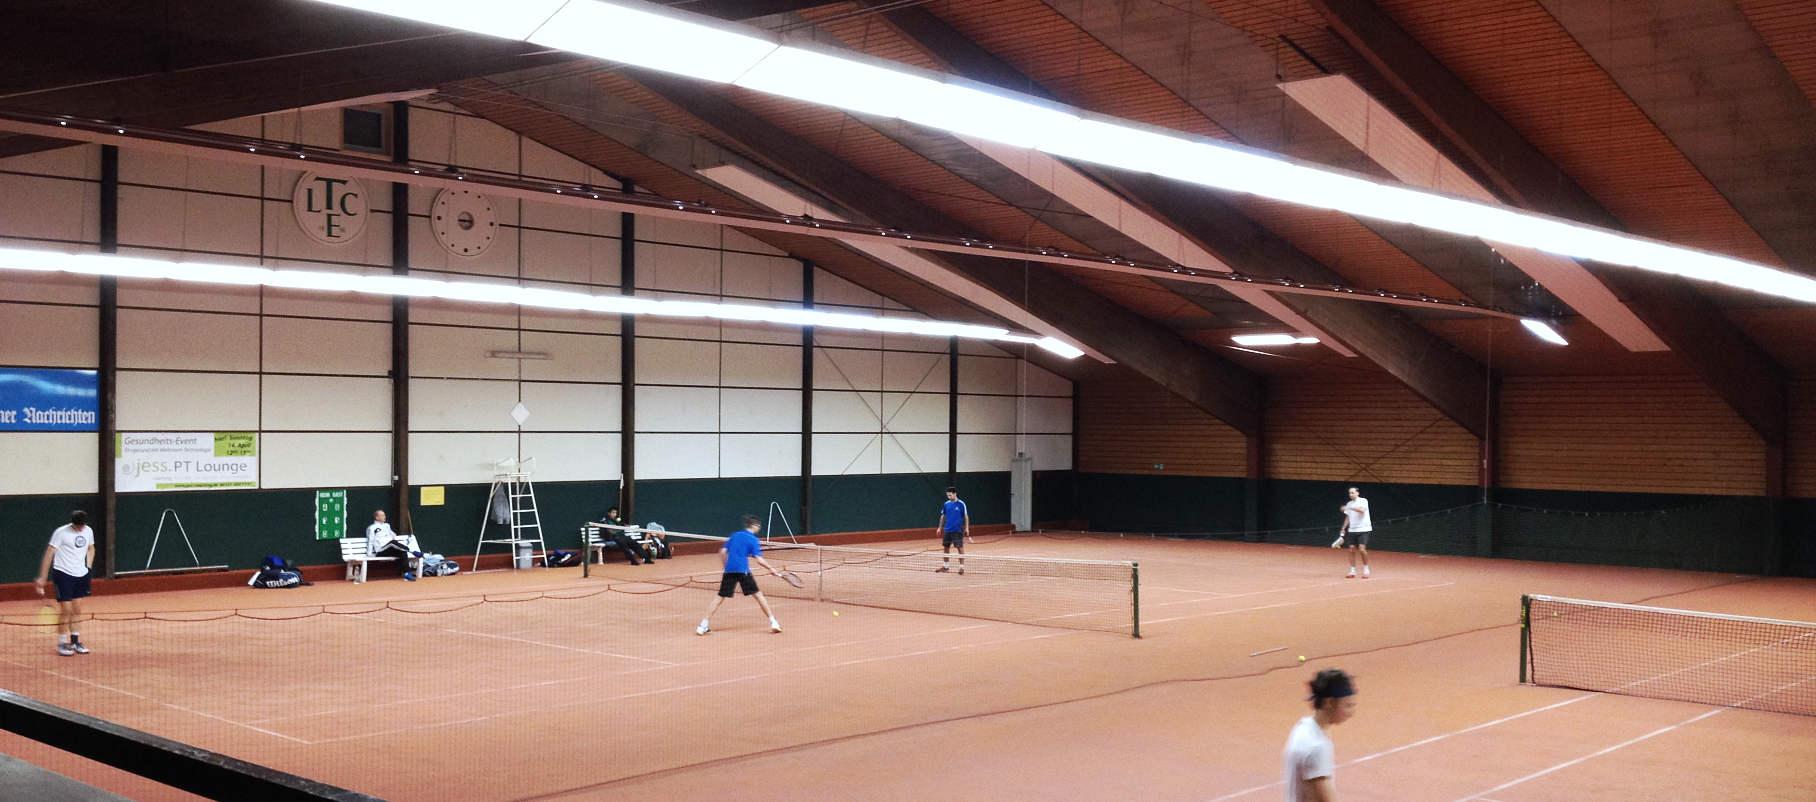 ltce-tennishalle